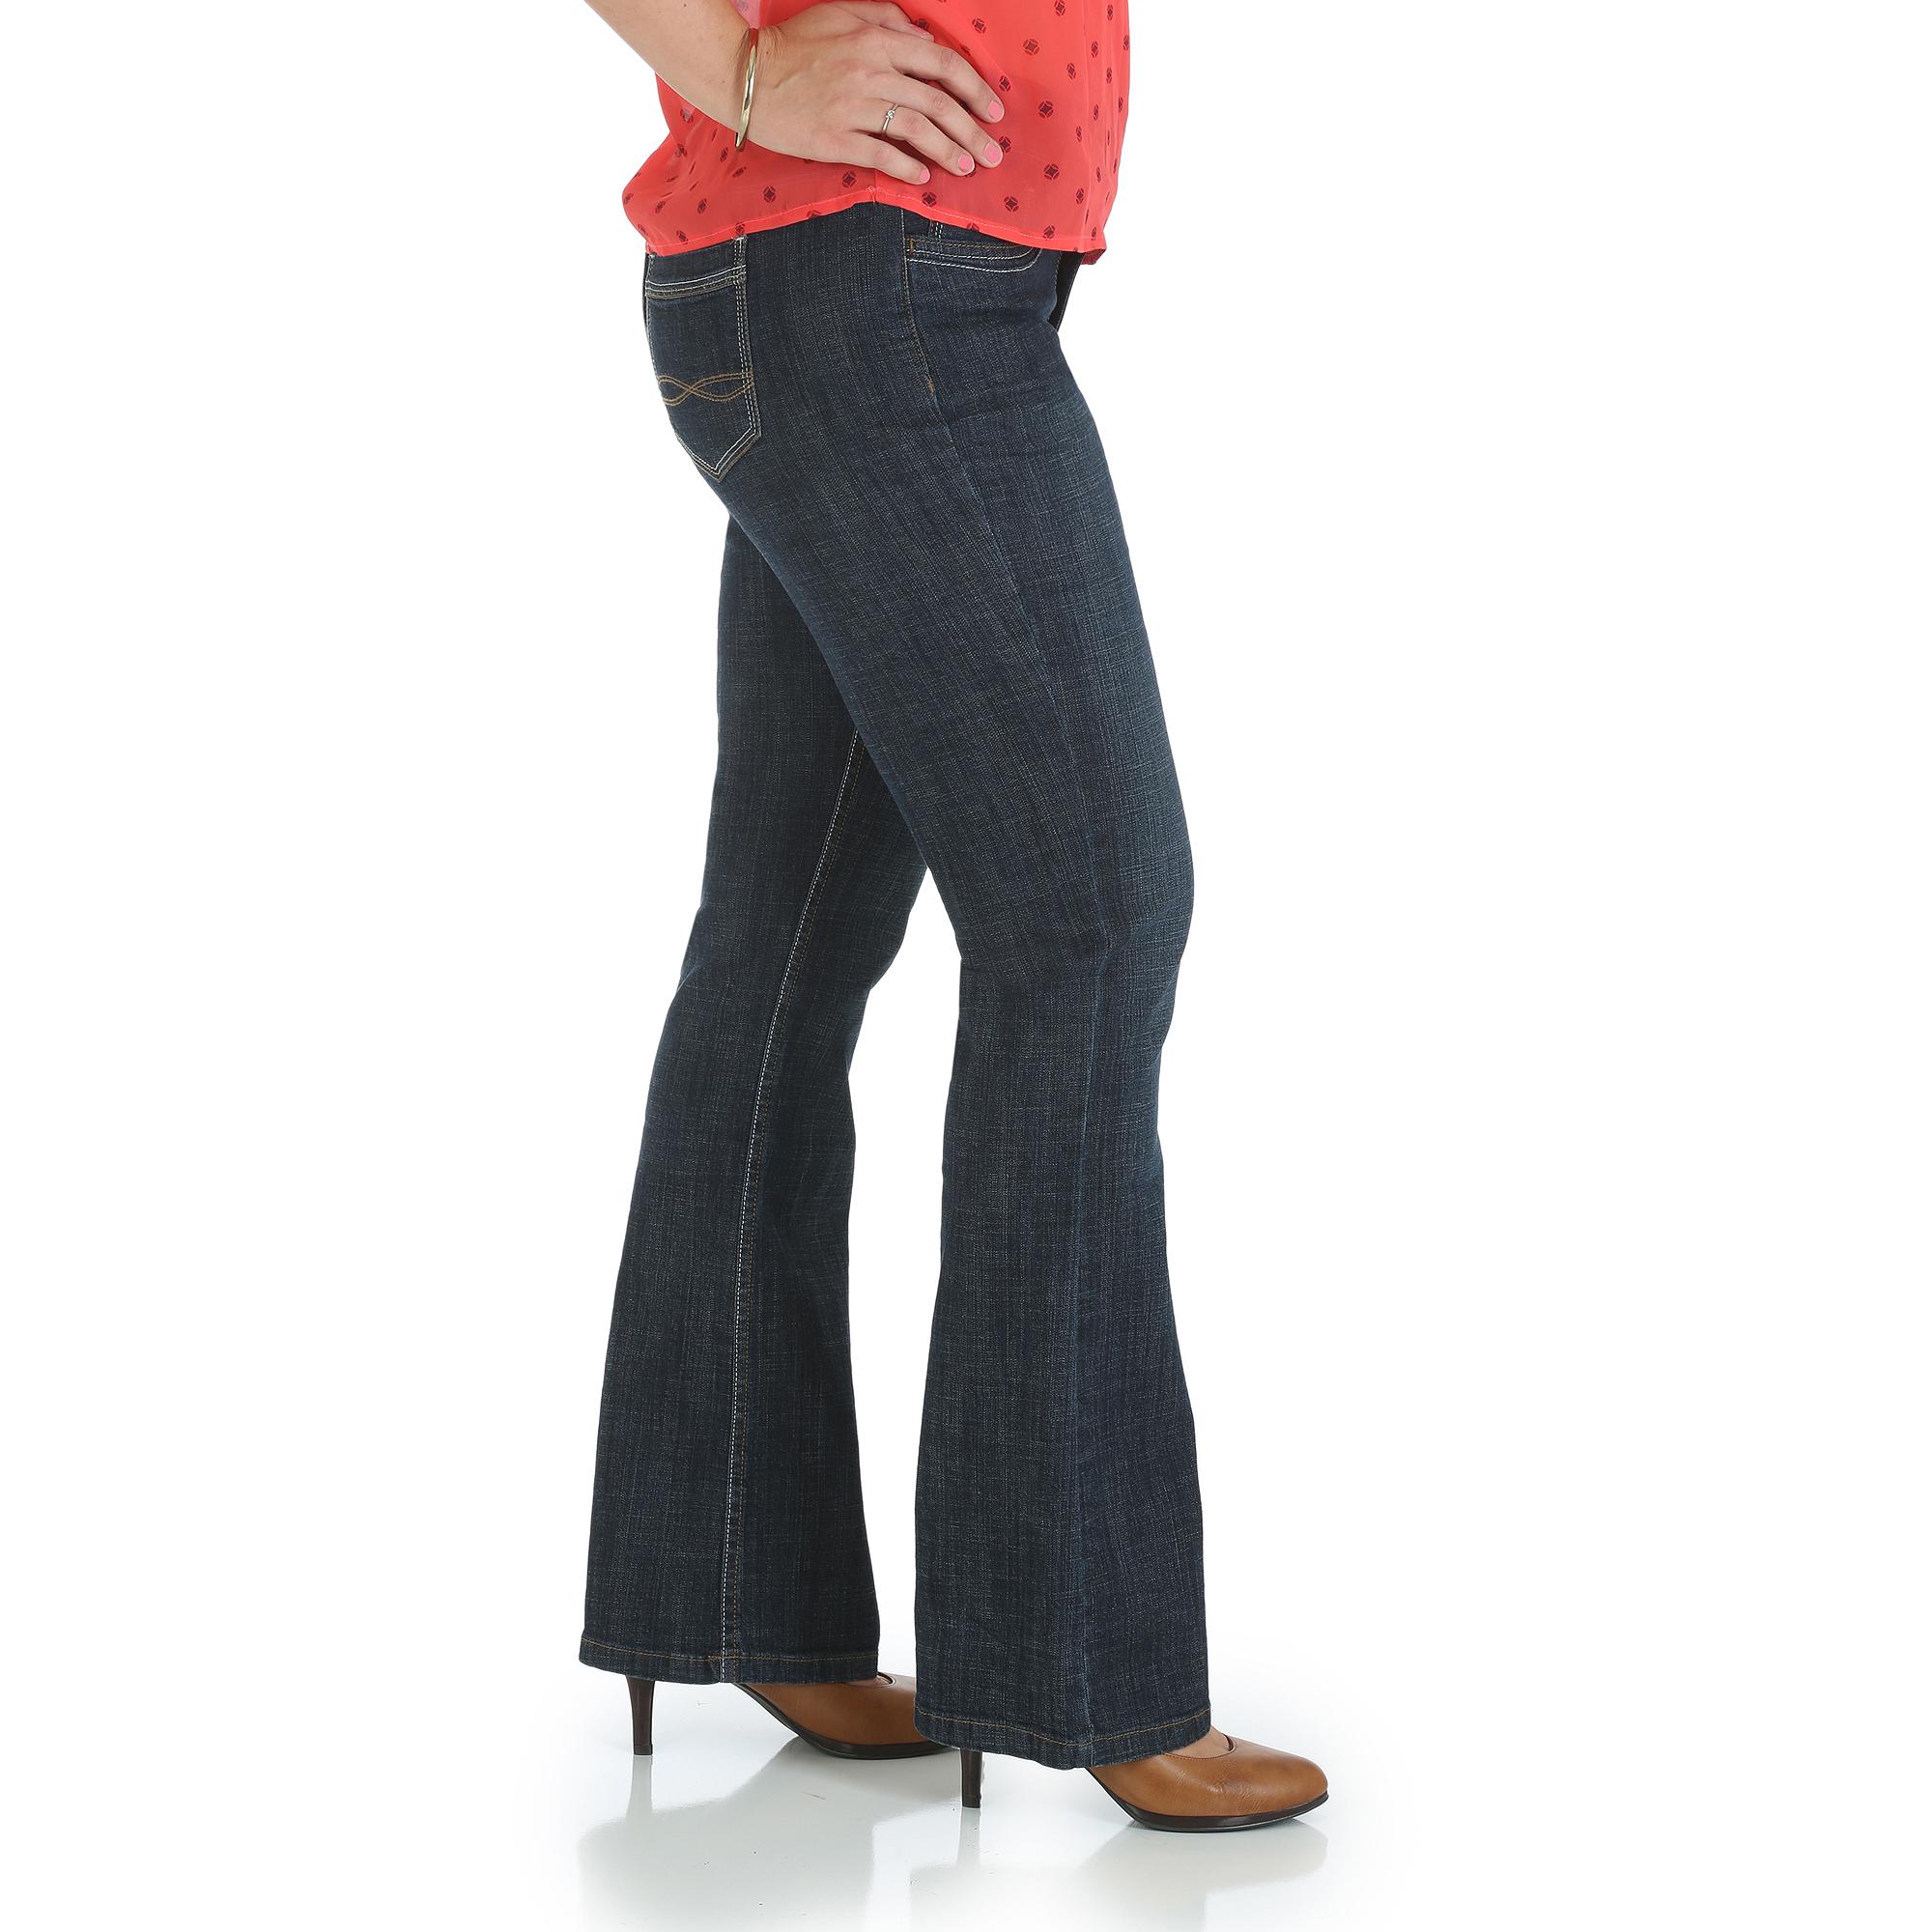 Beige Womens Jeans